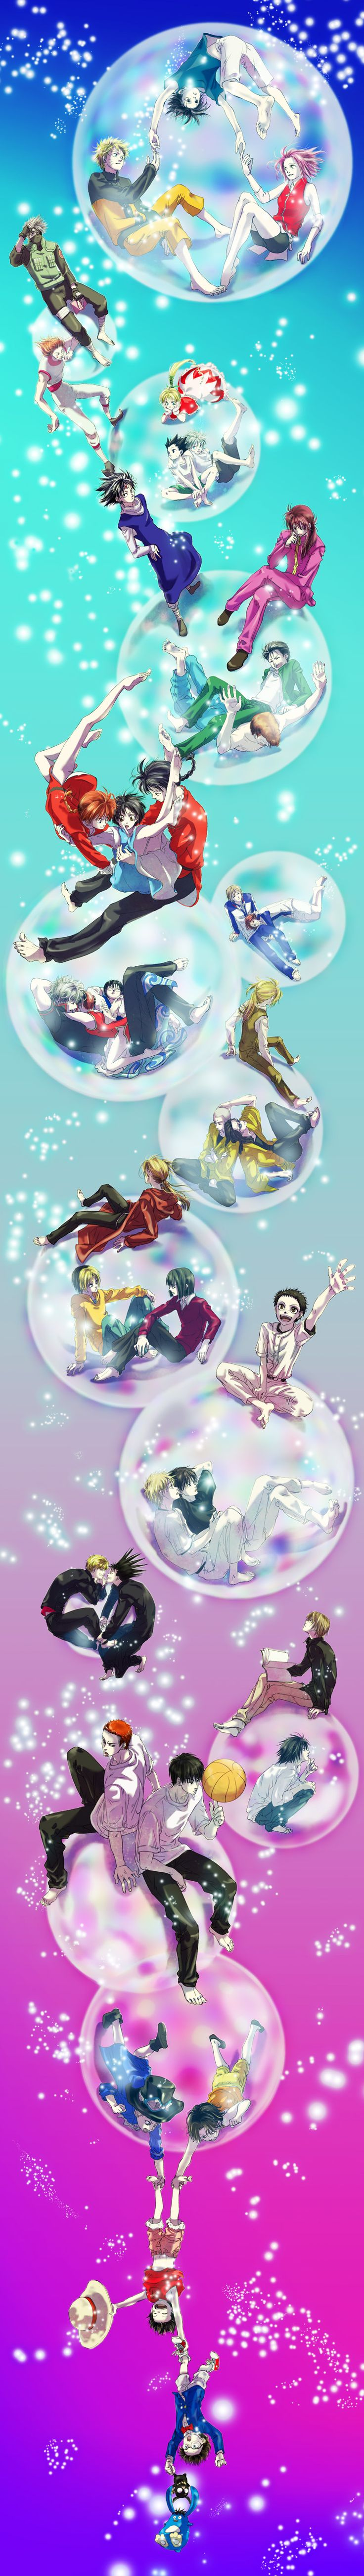 Death Note, Detective Conan, FMA, Gin Tama, Hikaru no Go, Hunter x Hunter, Kyou Kara Ore wa, ONE PIECE, Ookiku Furikabutte, Prince of Tennis, Ranma ½, Slam Dunk, Yu Yu Hakusho, Eyeshield 21, Naruto.